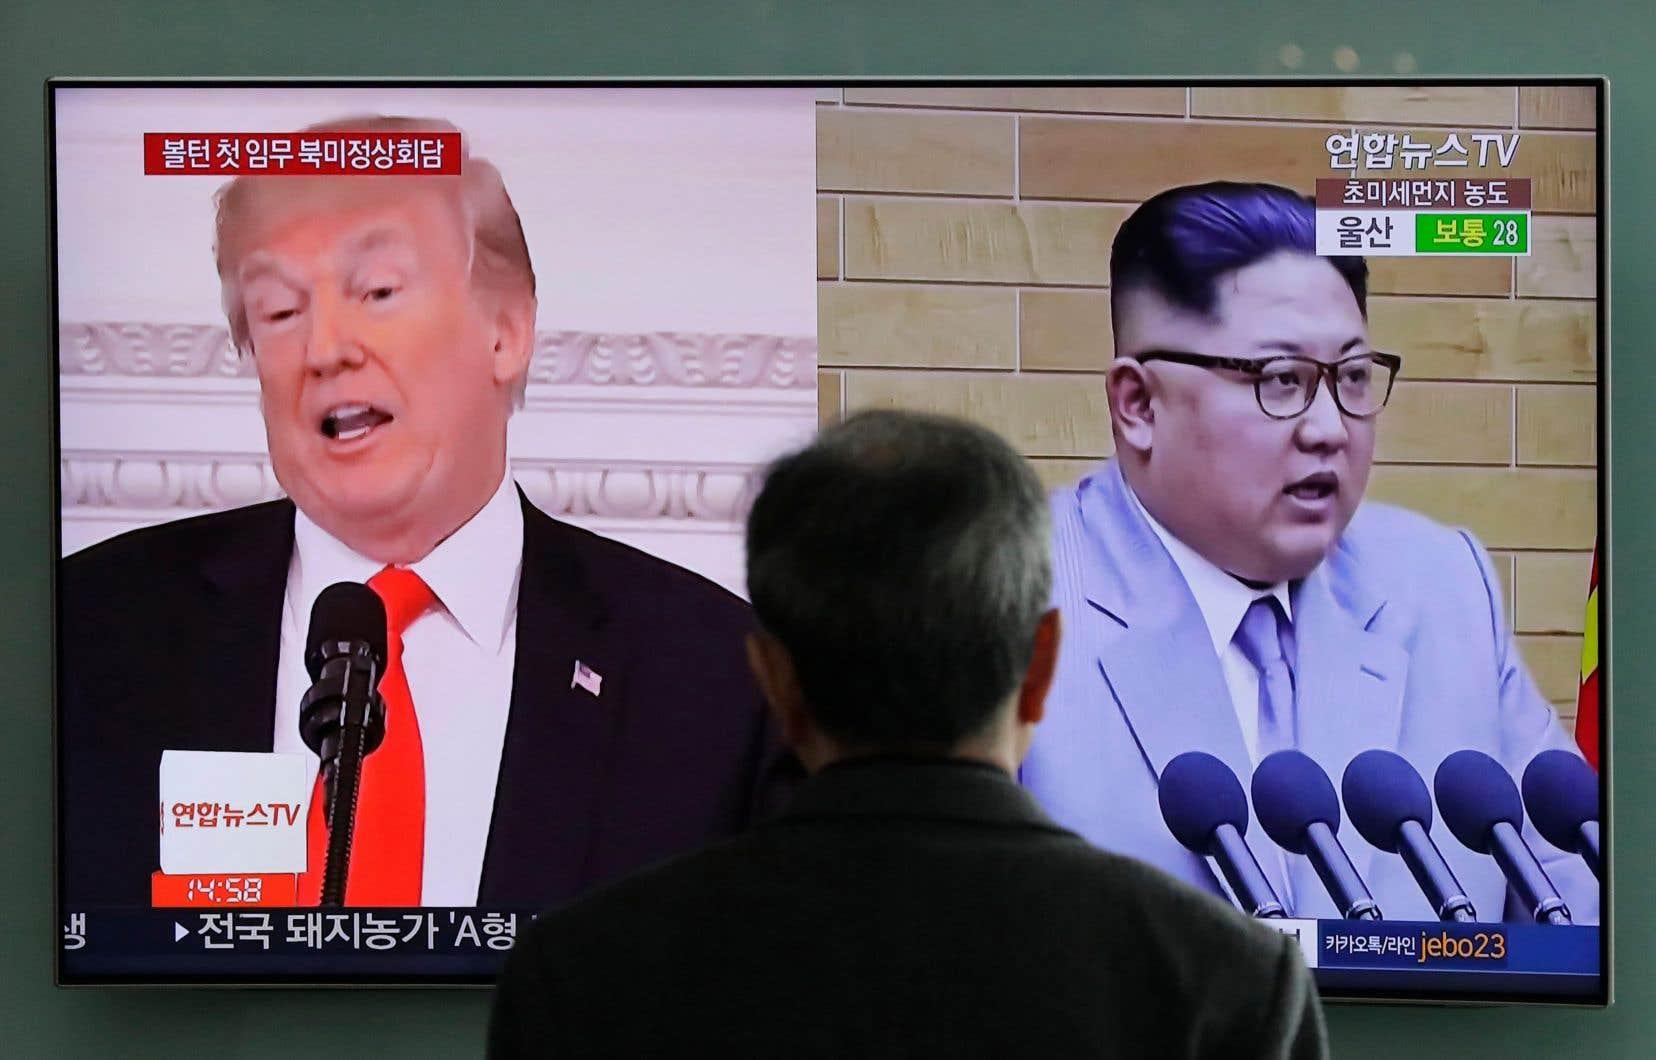 Le président américain, Donald Trump (à gauche sur l'écran) doit rencontrer Kim Jong-un d'ici juin pour un sommet historique